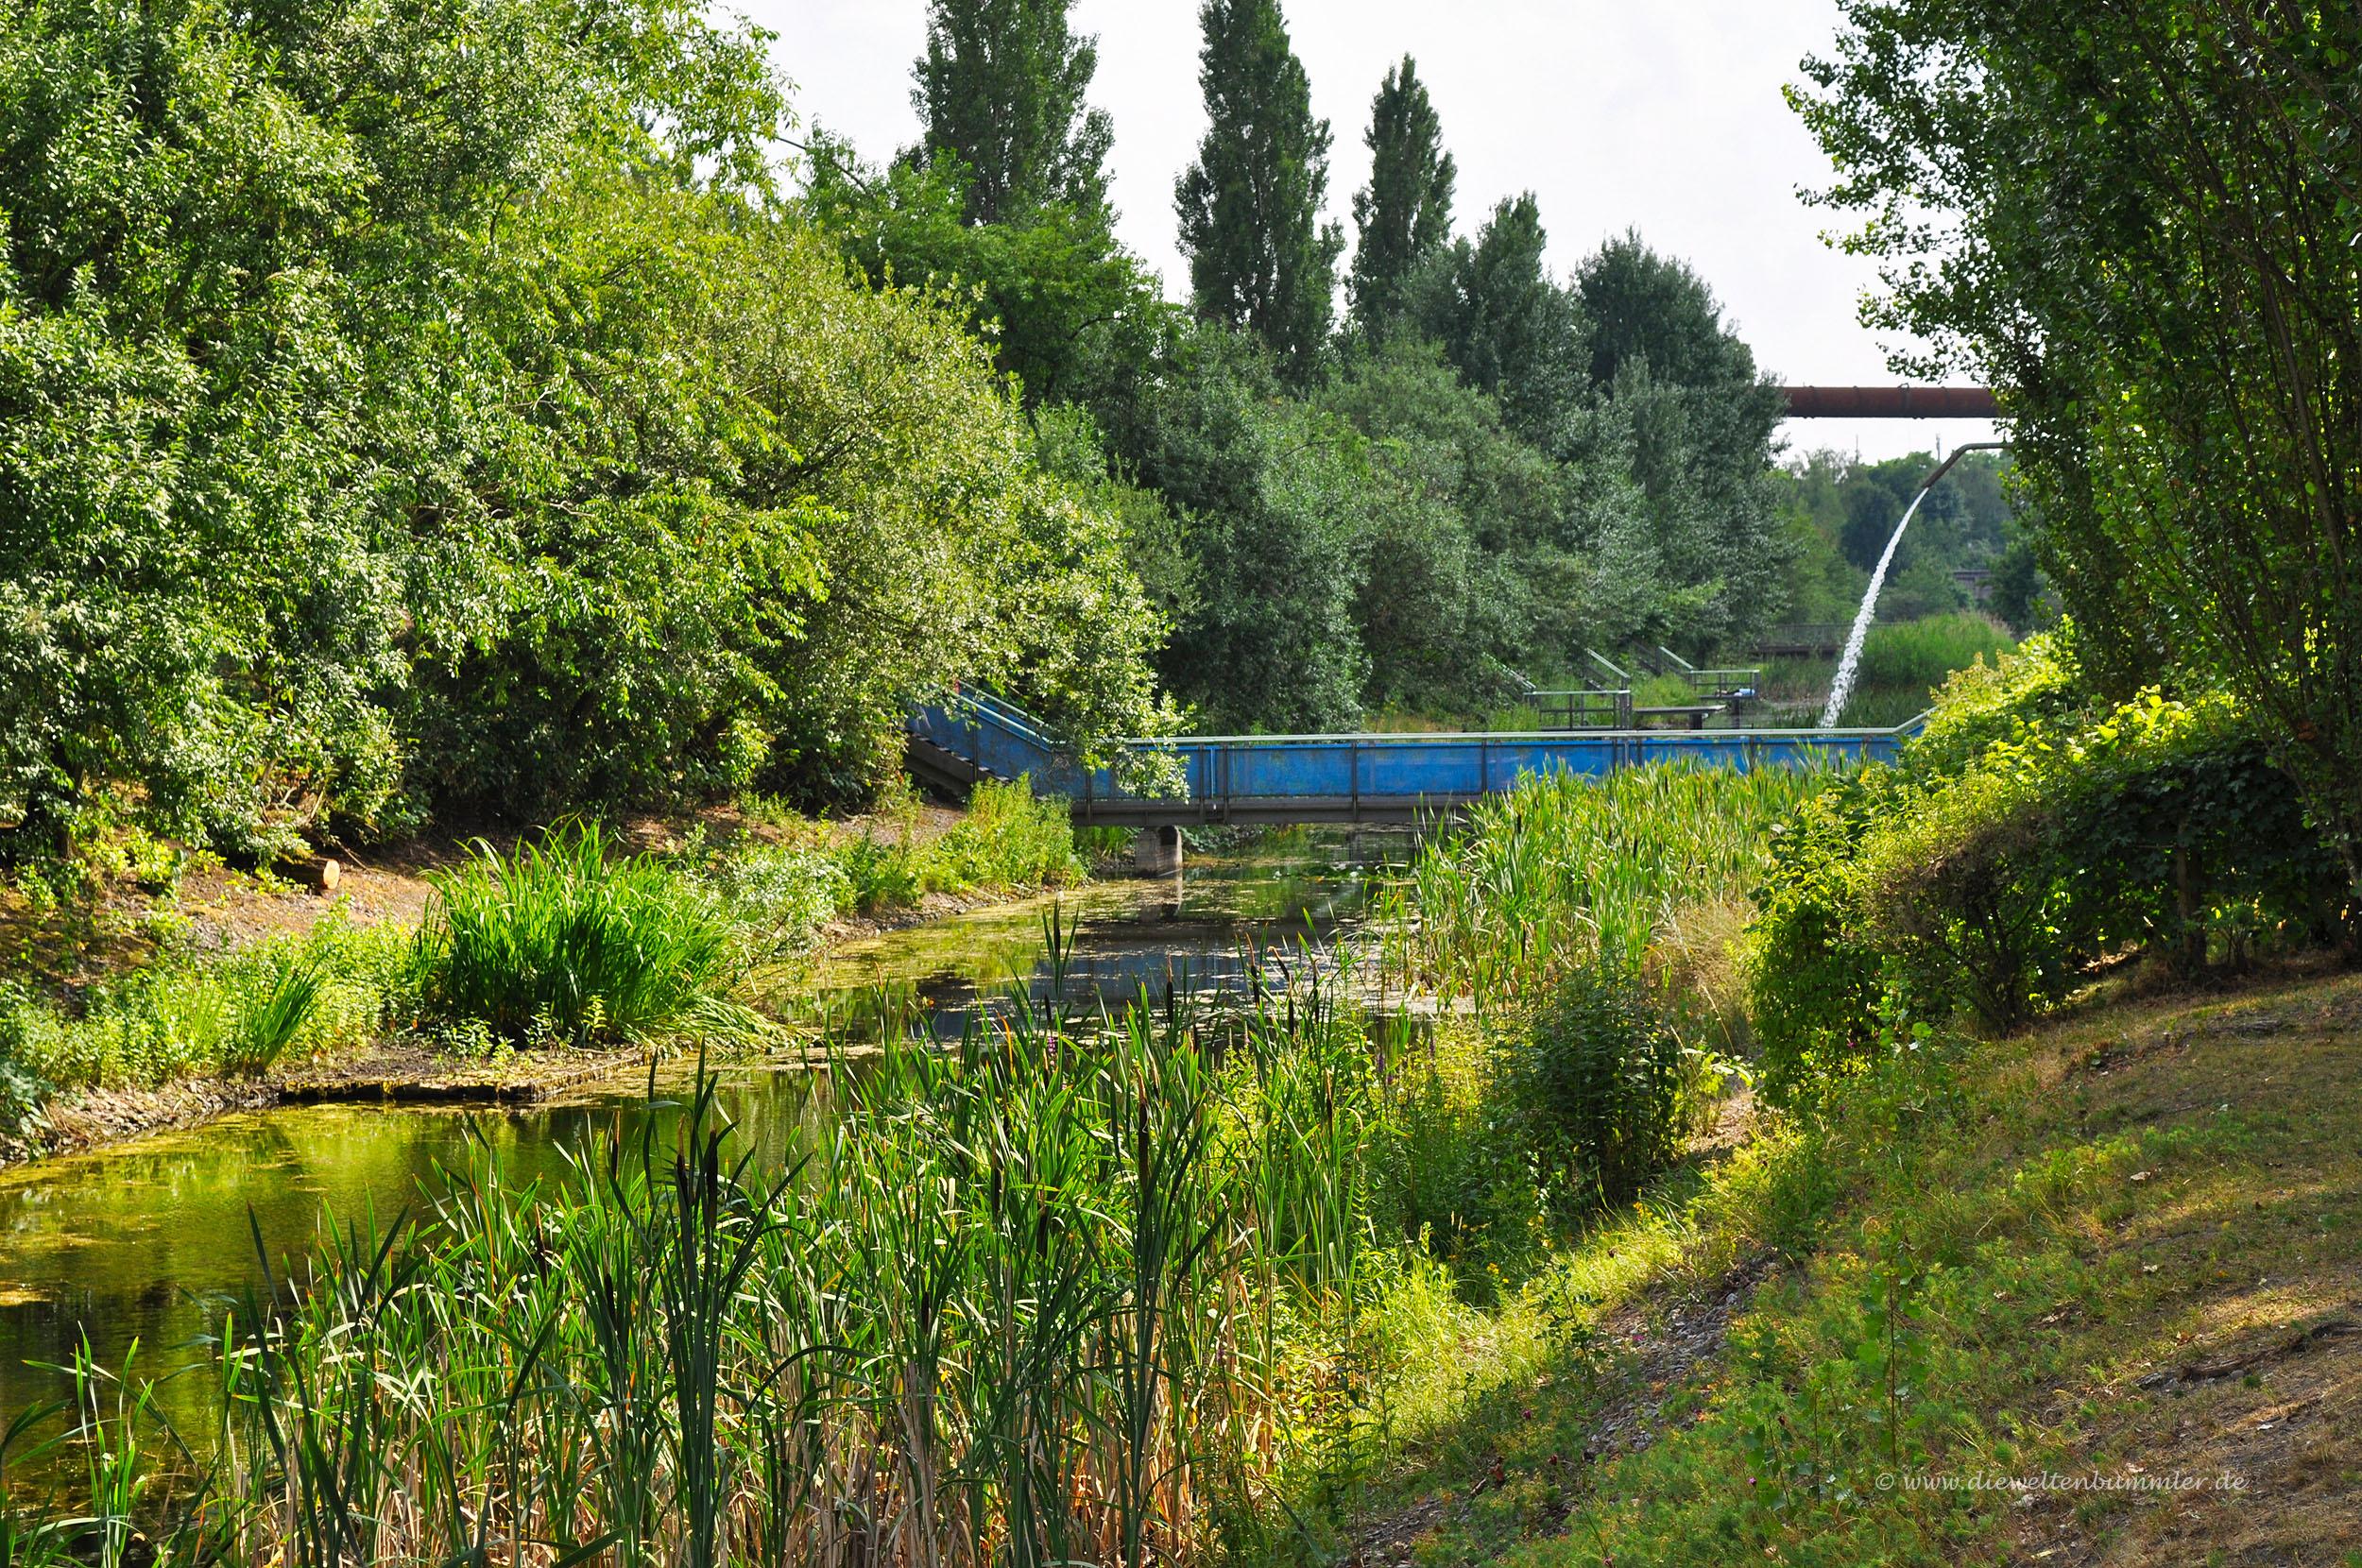 Biotop im Landschaftspark Duisburg